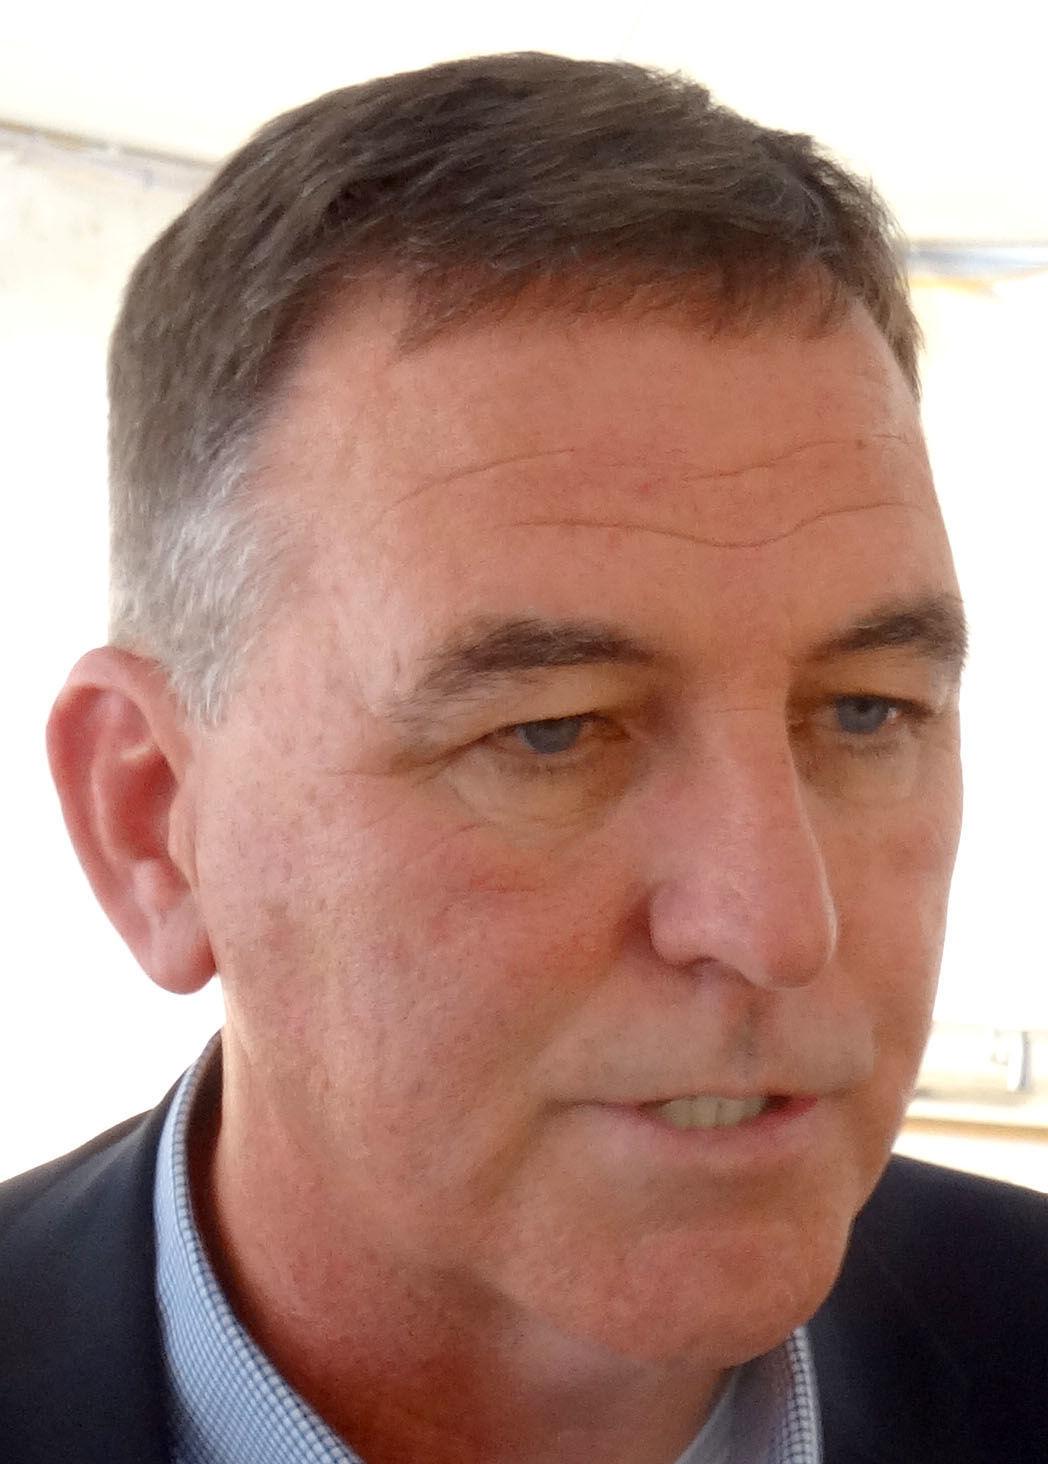 John Sullivan mugshot